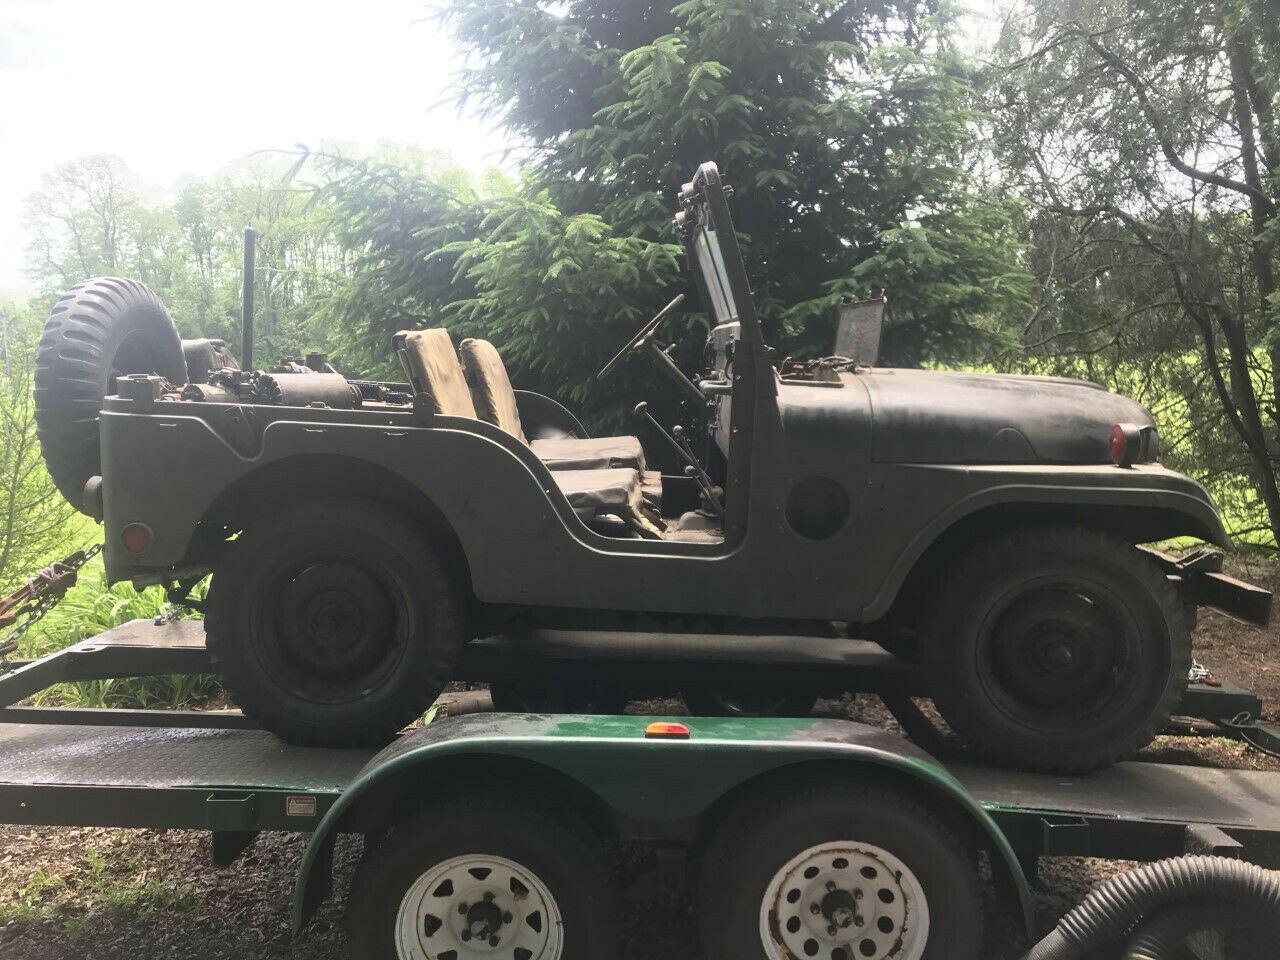 original shape 1953 Willys M38 A1 military